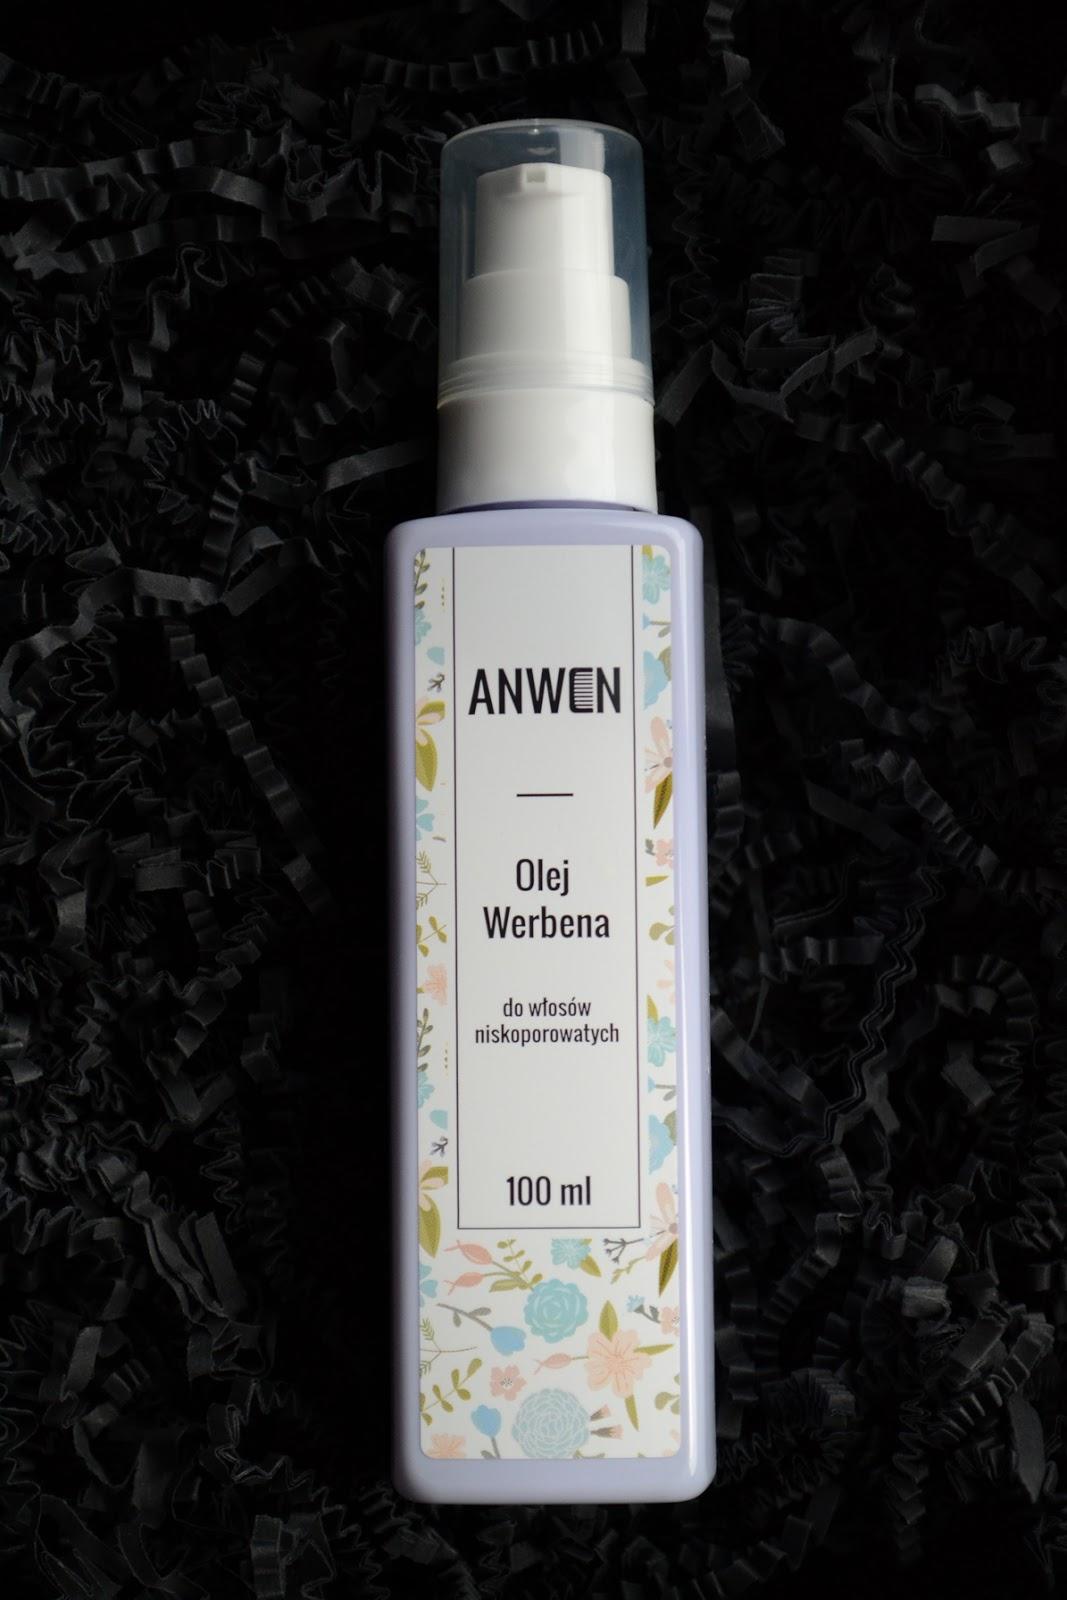 Nasza recenzja olejków Anwen - Werbena, Mango, Marakuja. Który stał się naszym ulubionym?